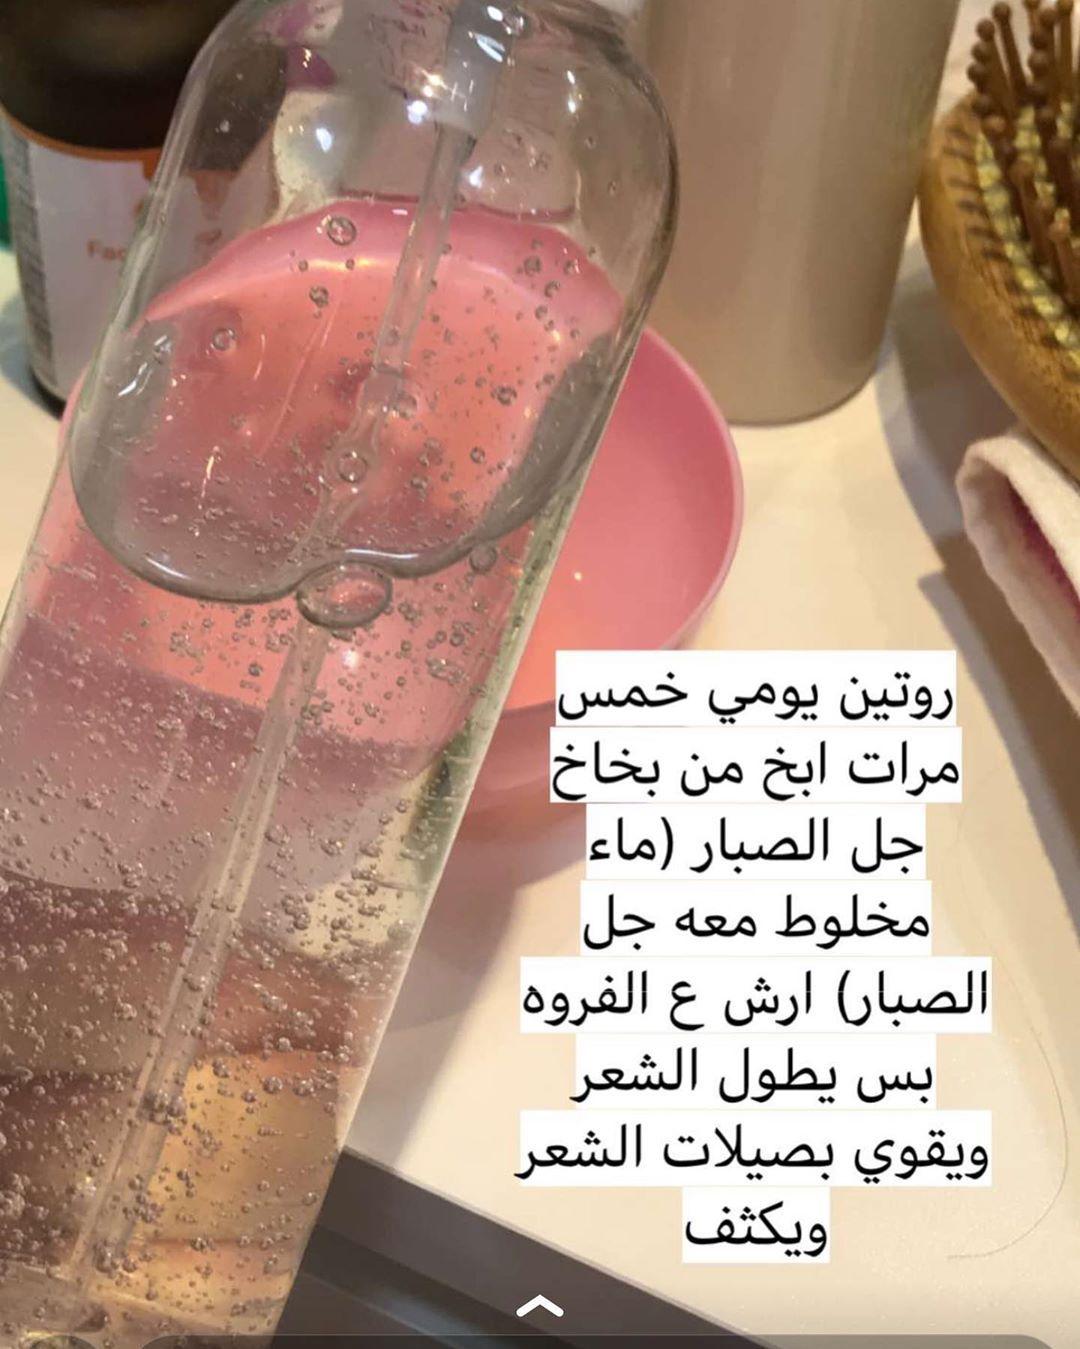 من حساب Nbsp Nbsp Diet Nbsp Nbsp Latifa25 عنايه Shahad مكياج Nbsp Nbsp Make Alcoholic Drinks Skin Care Alcohol